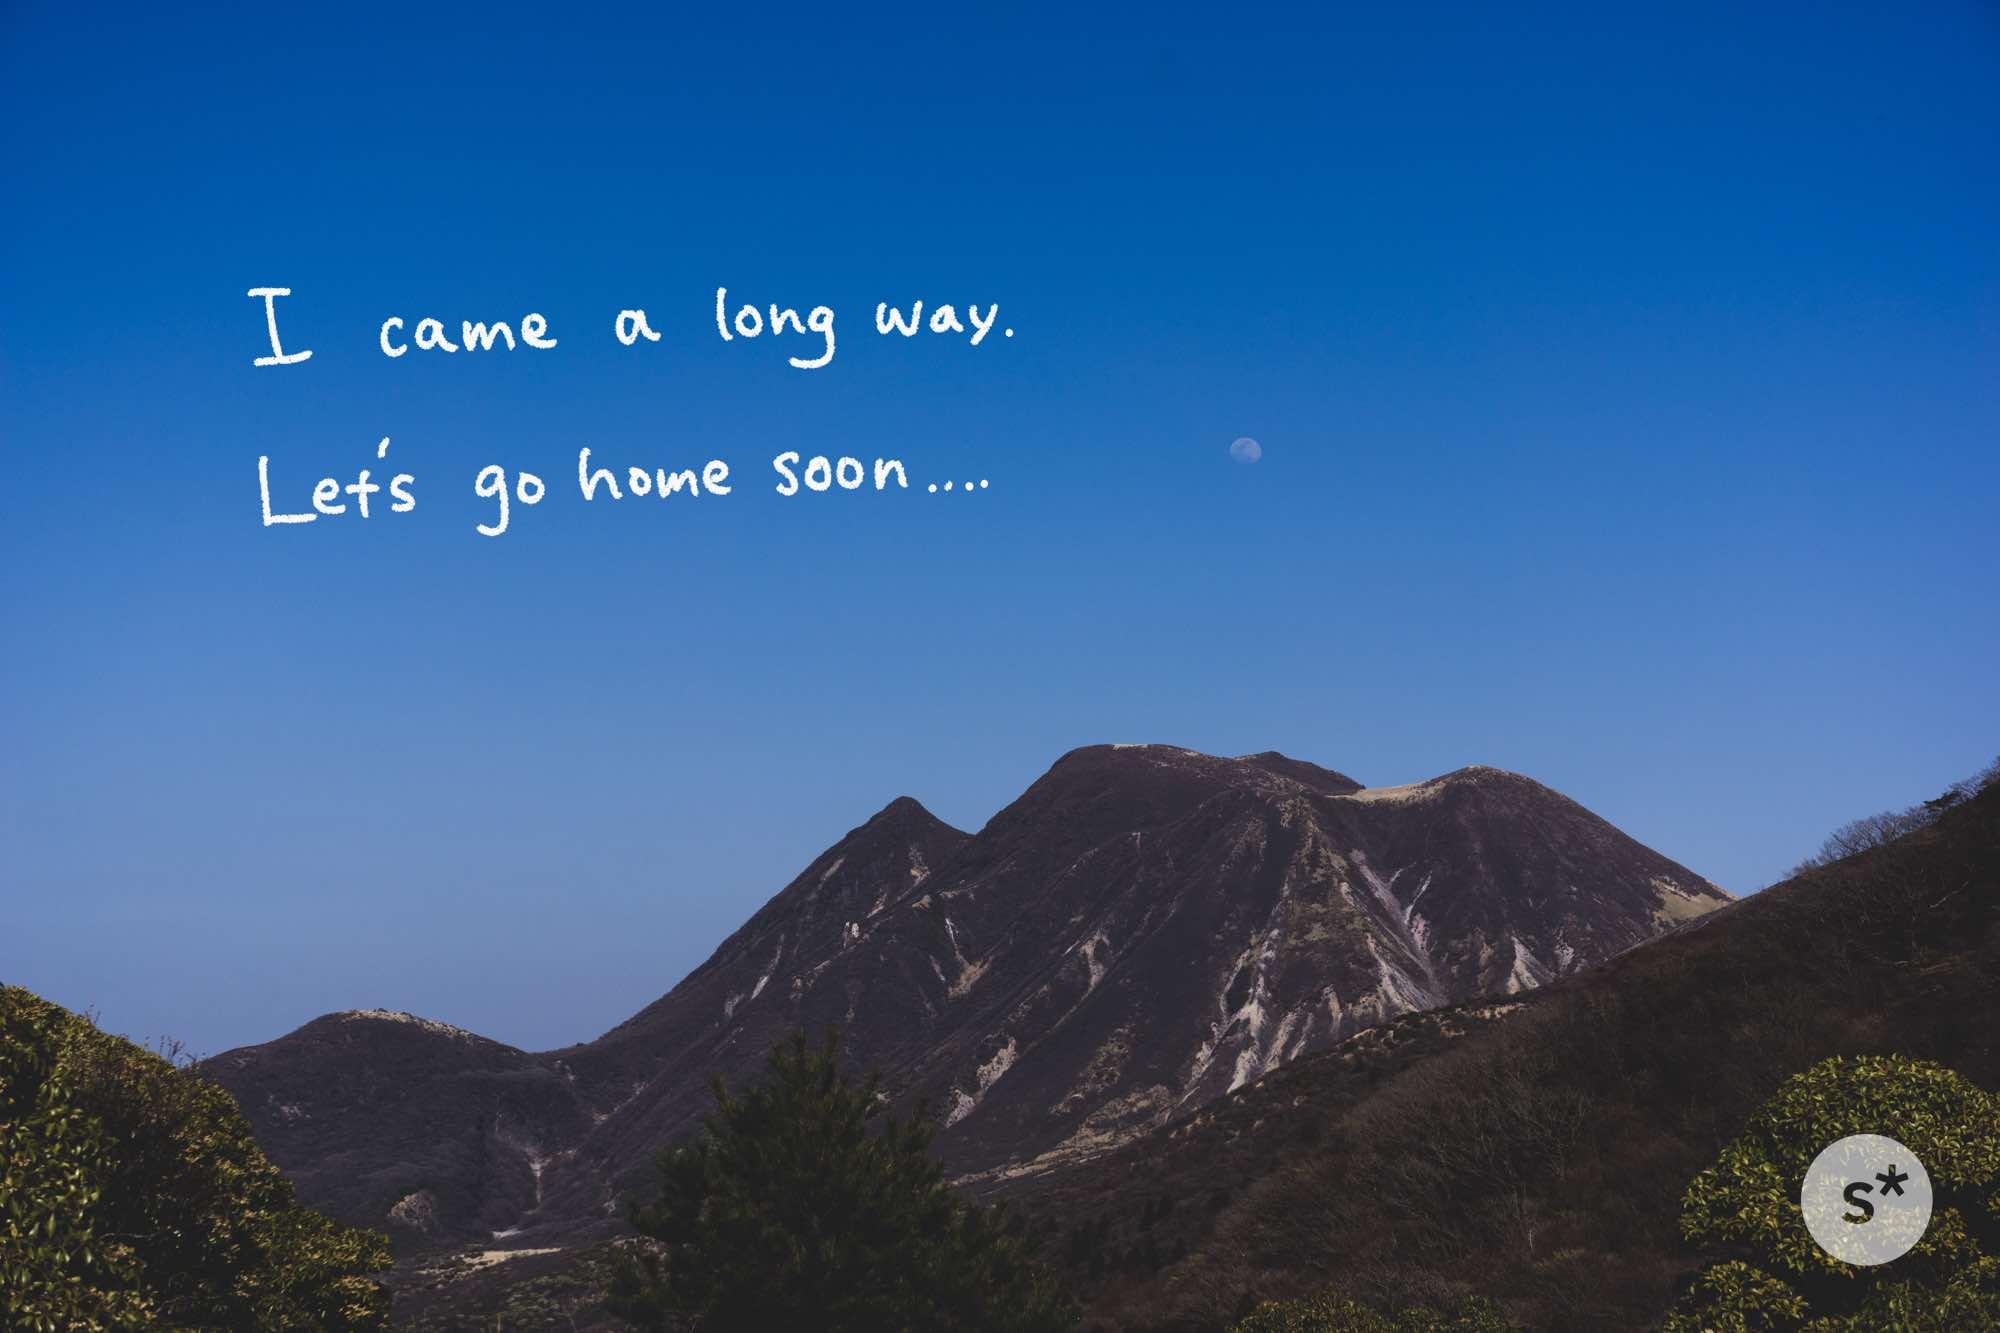 遠くまで来たからそろそろ帰ろうかね。